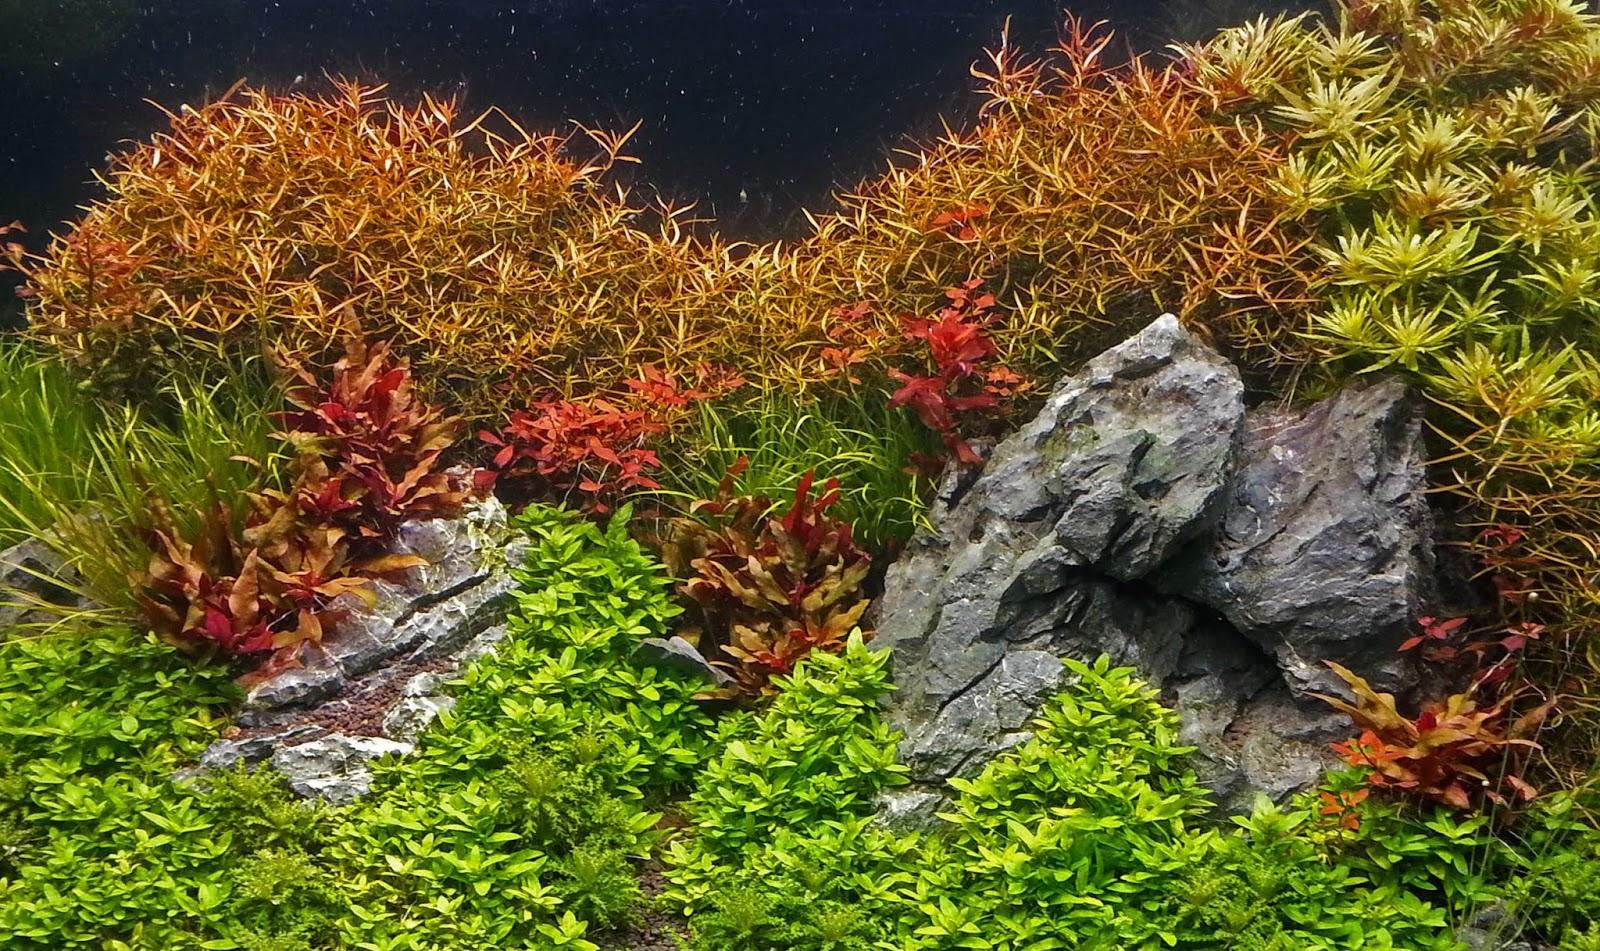 Diệp tài hồng lá kim đẹp rực rỡ trong hồ thủy sinh